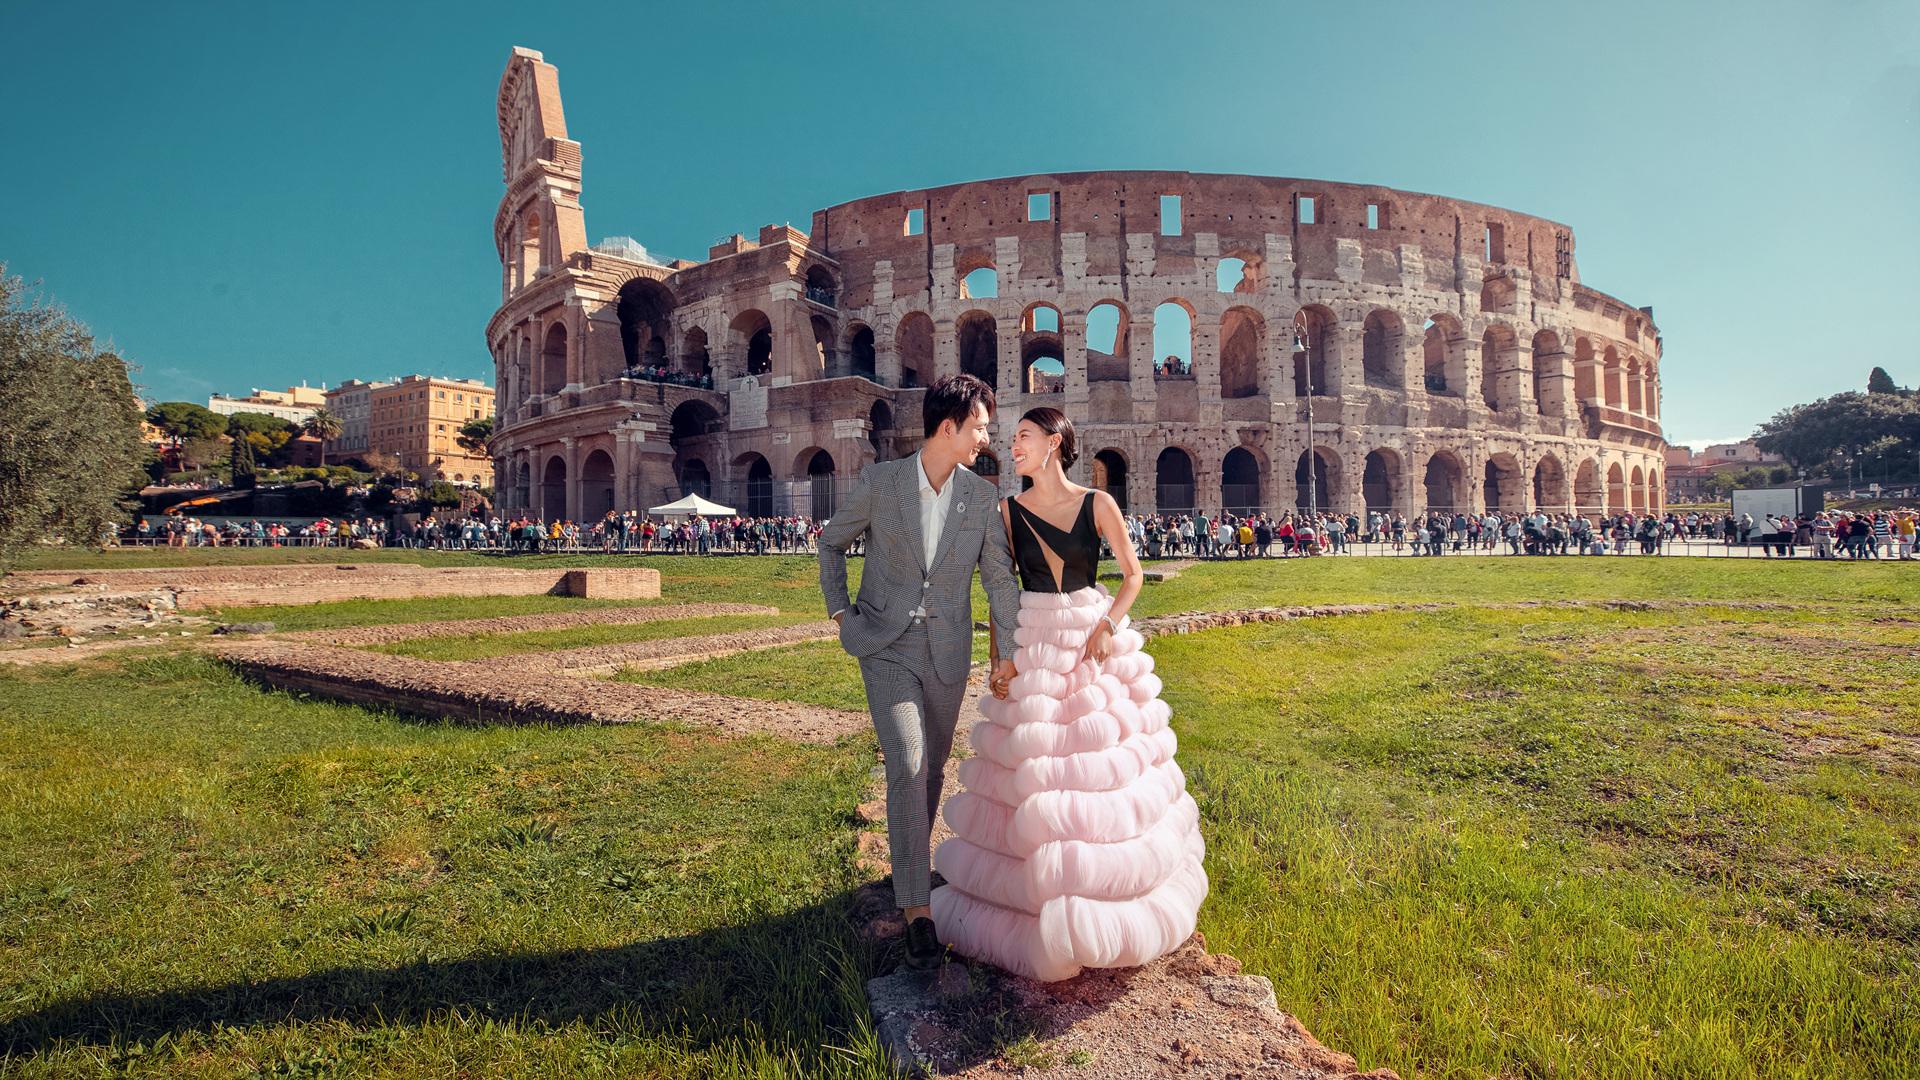 厦门万石植物园拍摄婚纱照如何穿搭好